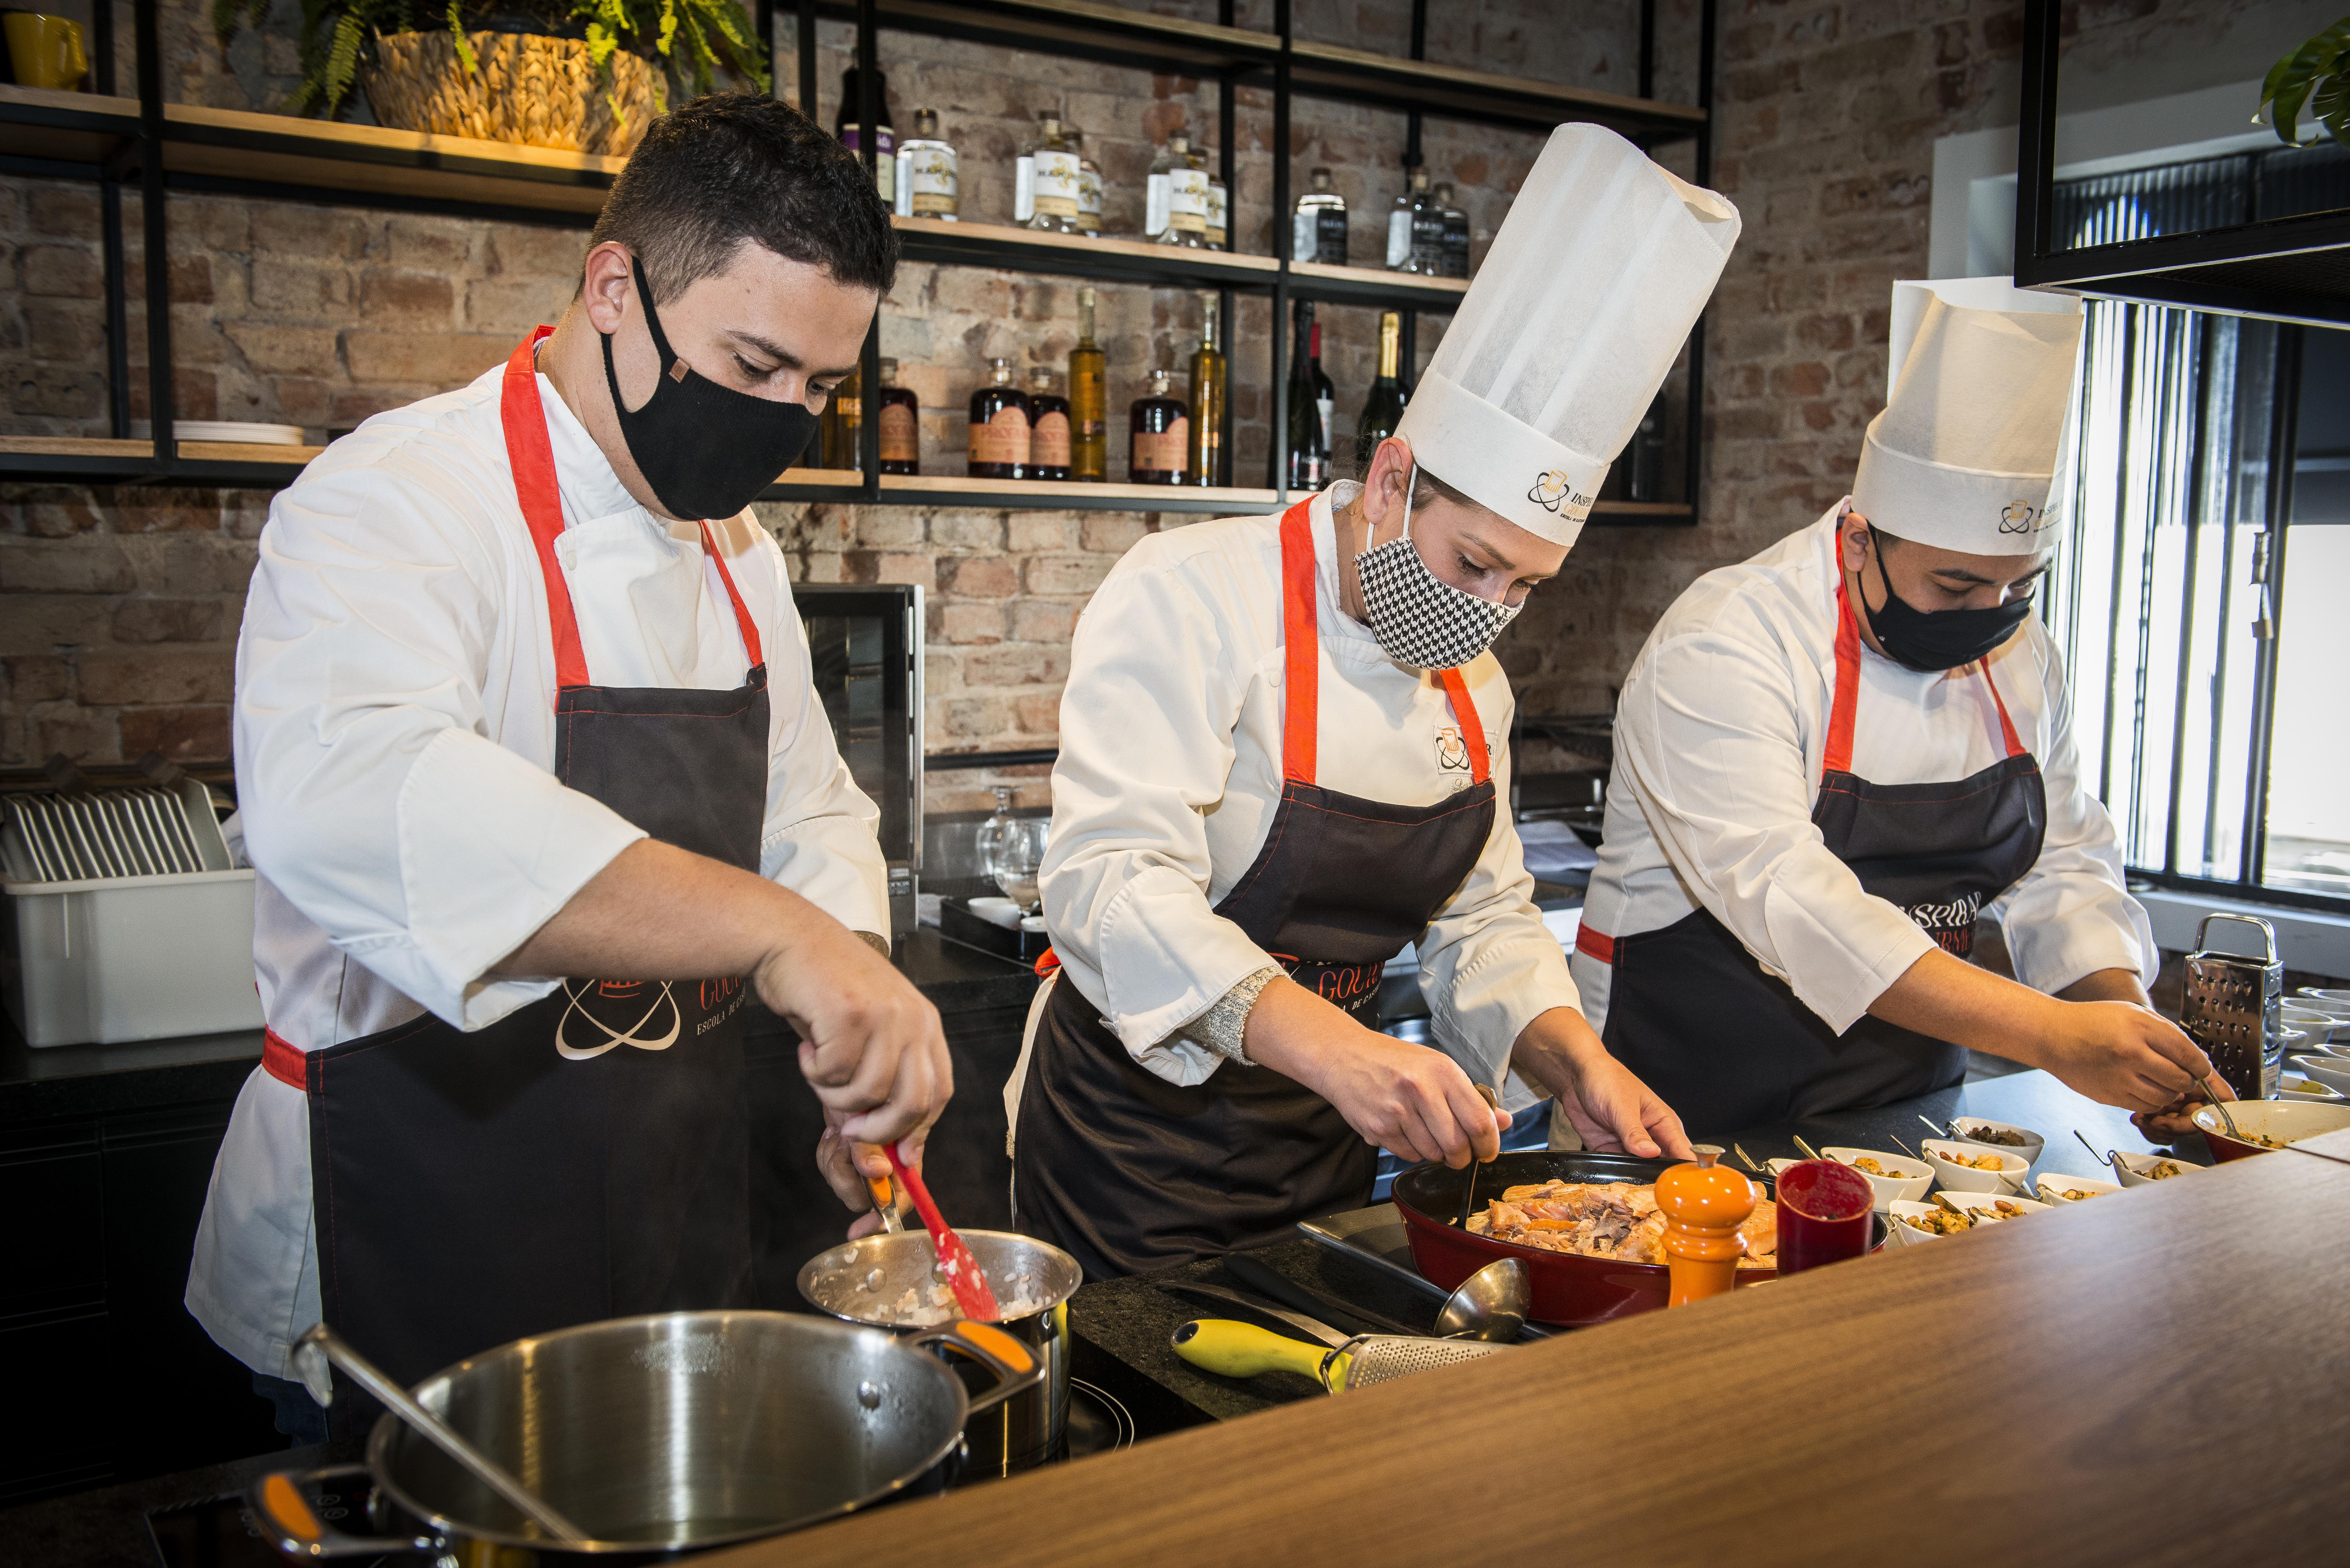 Os chefs Kaue Henrique, Larissa Guzzo e Matheus Henrique fazem parte do time da Inspirar Gourmet, parceira do Sacas. Foto: Letícia Akemi